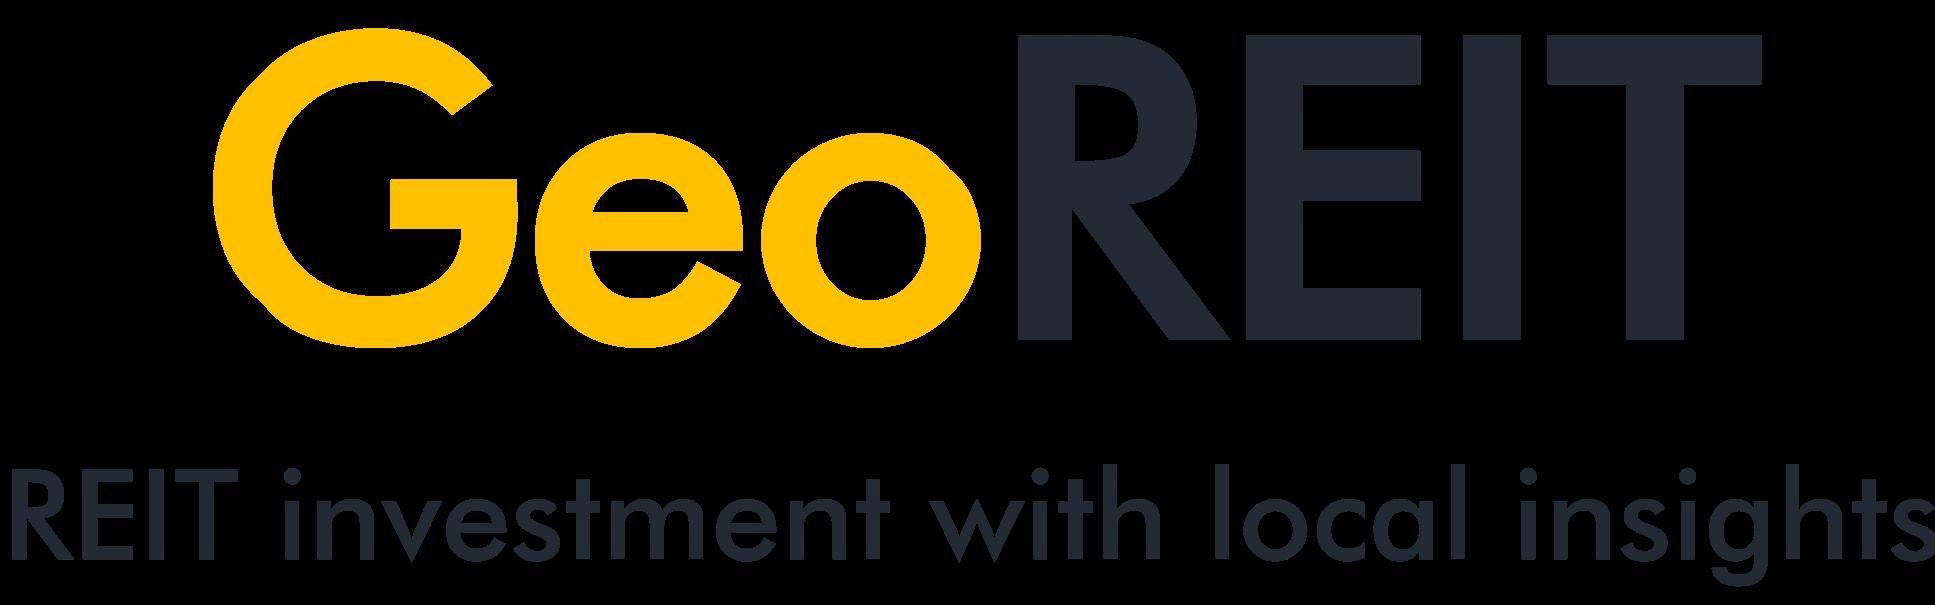 GeoREIT-logo-whitebackground.png